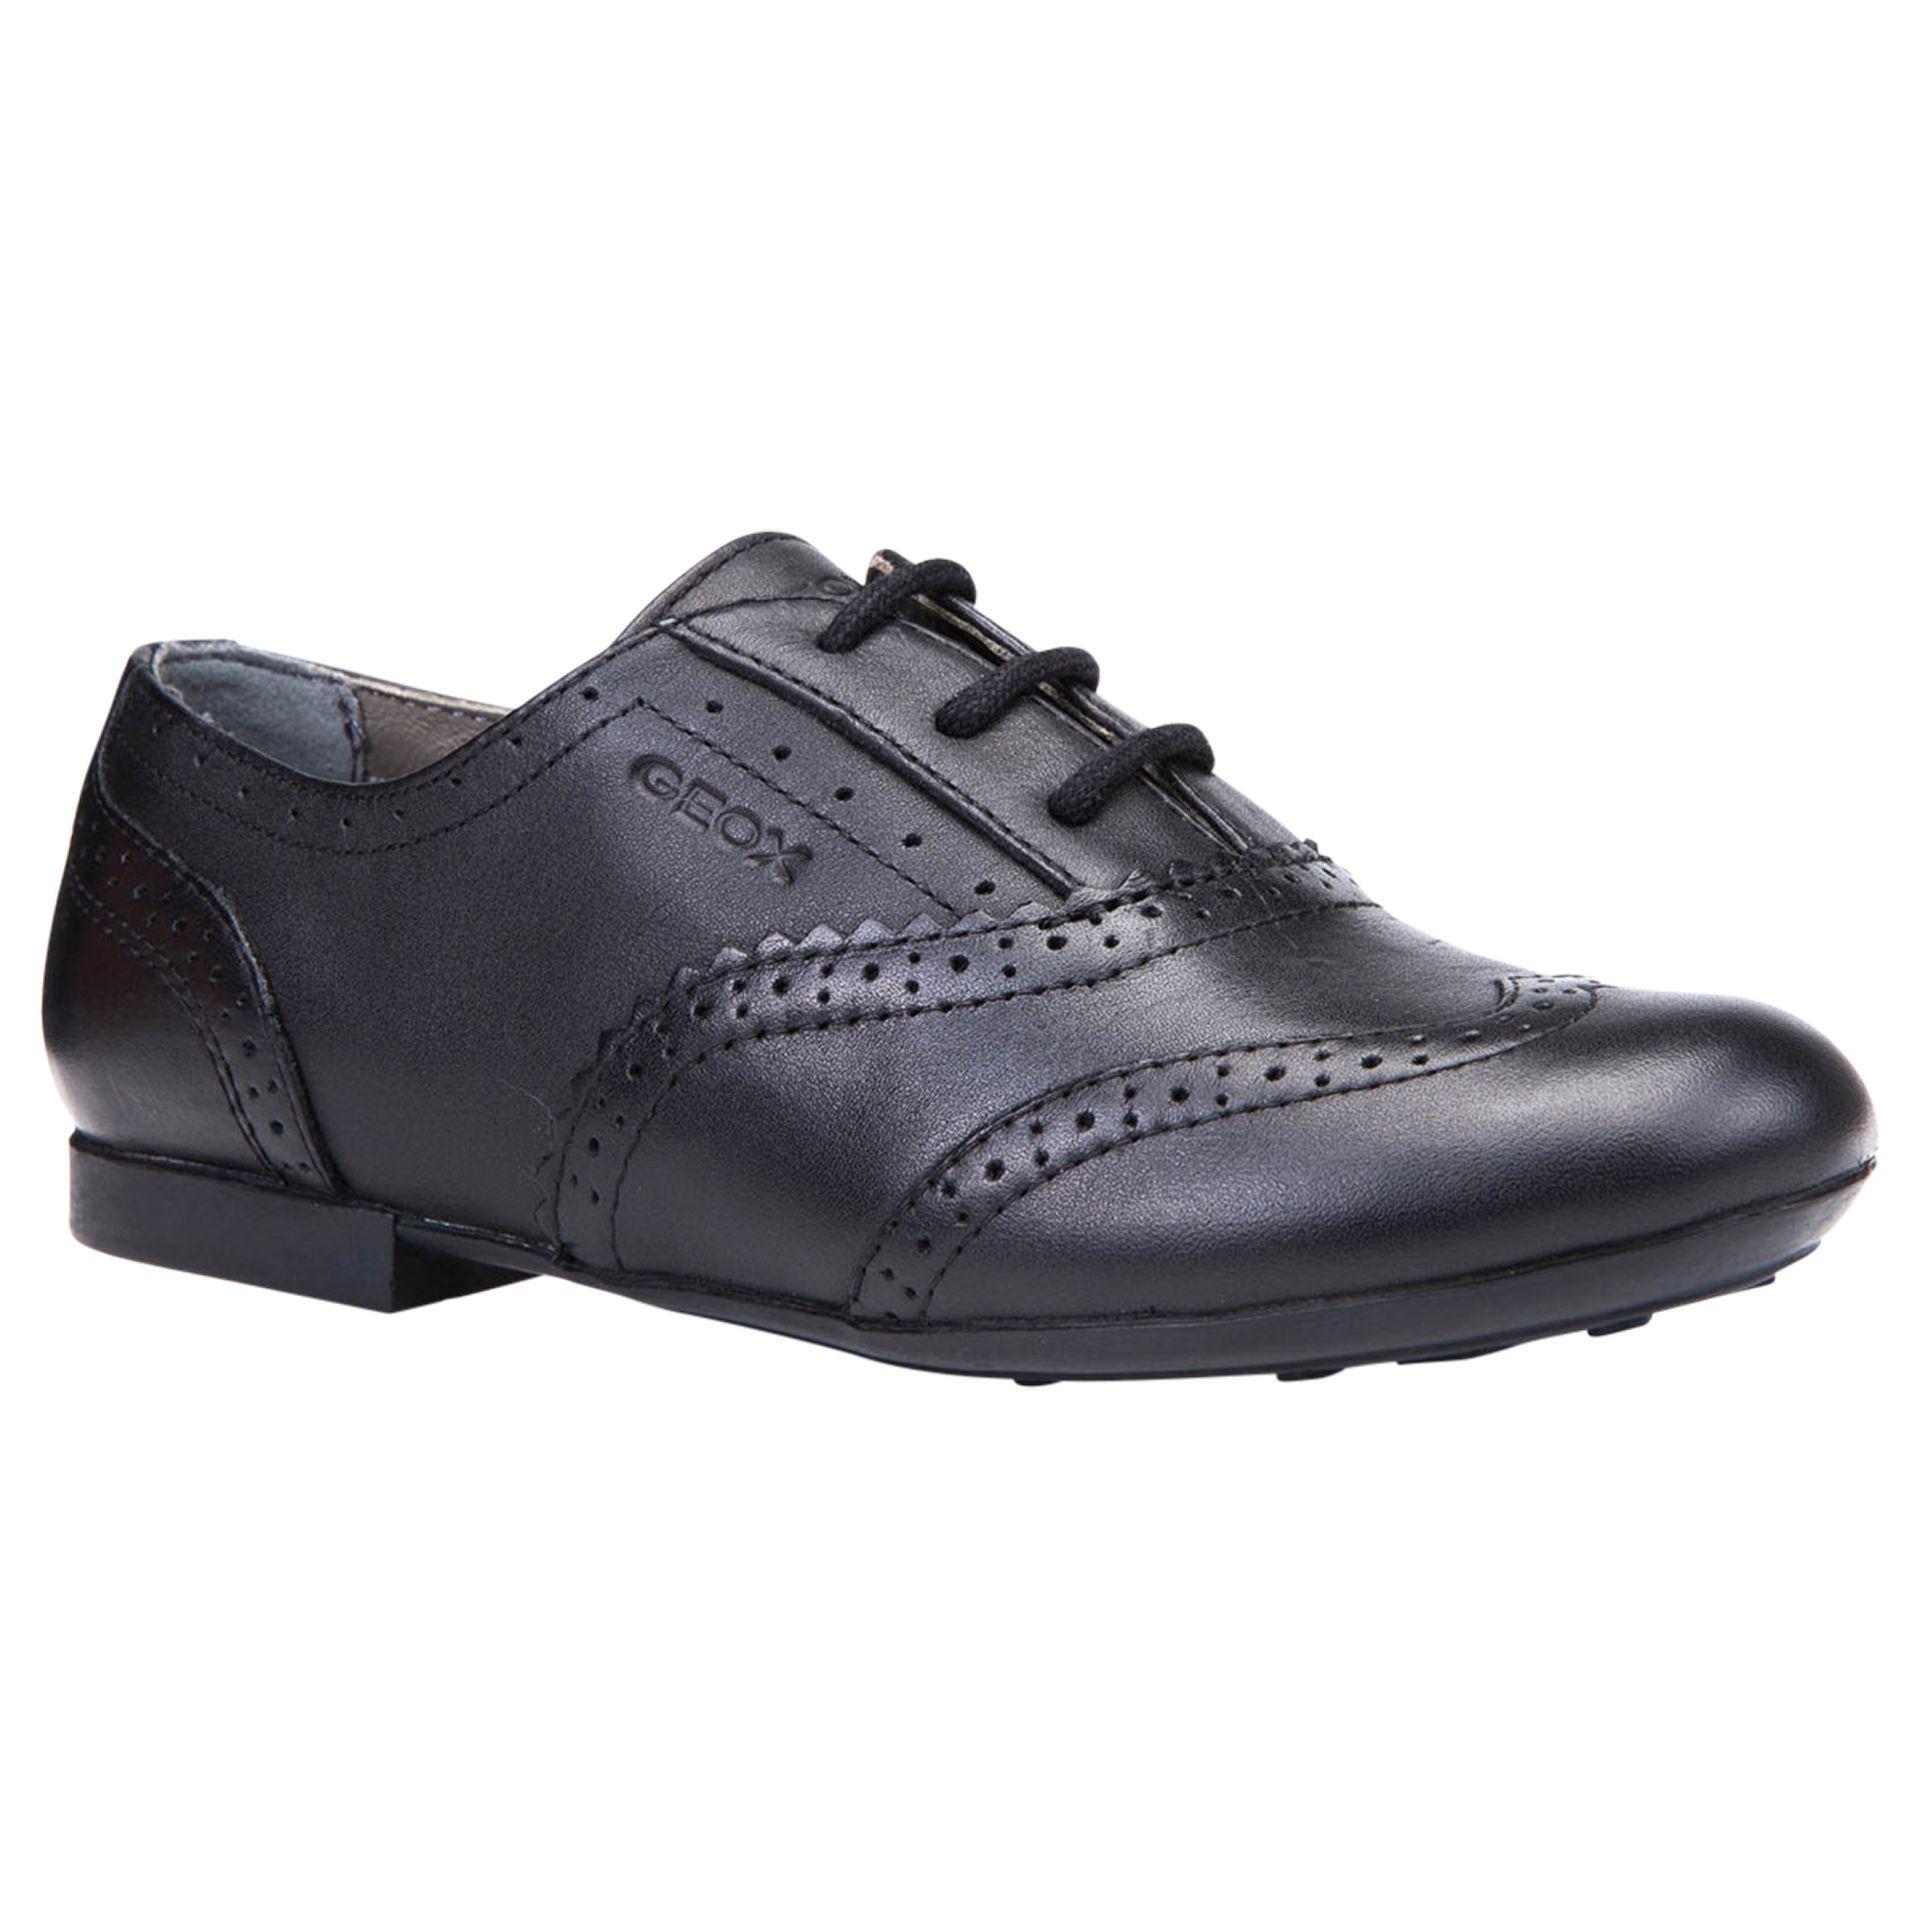 Geox Children's J Plie Brogue Shoes